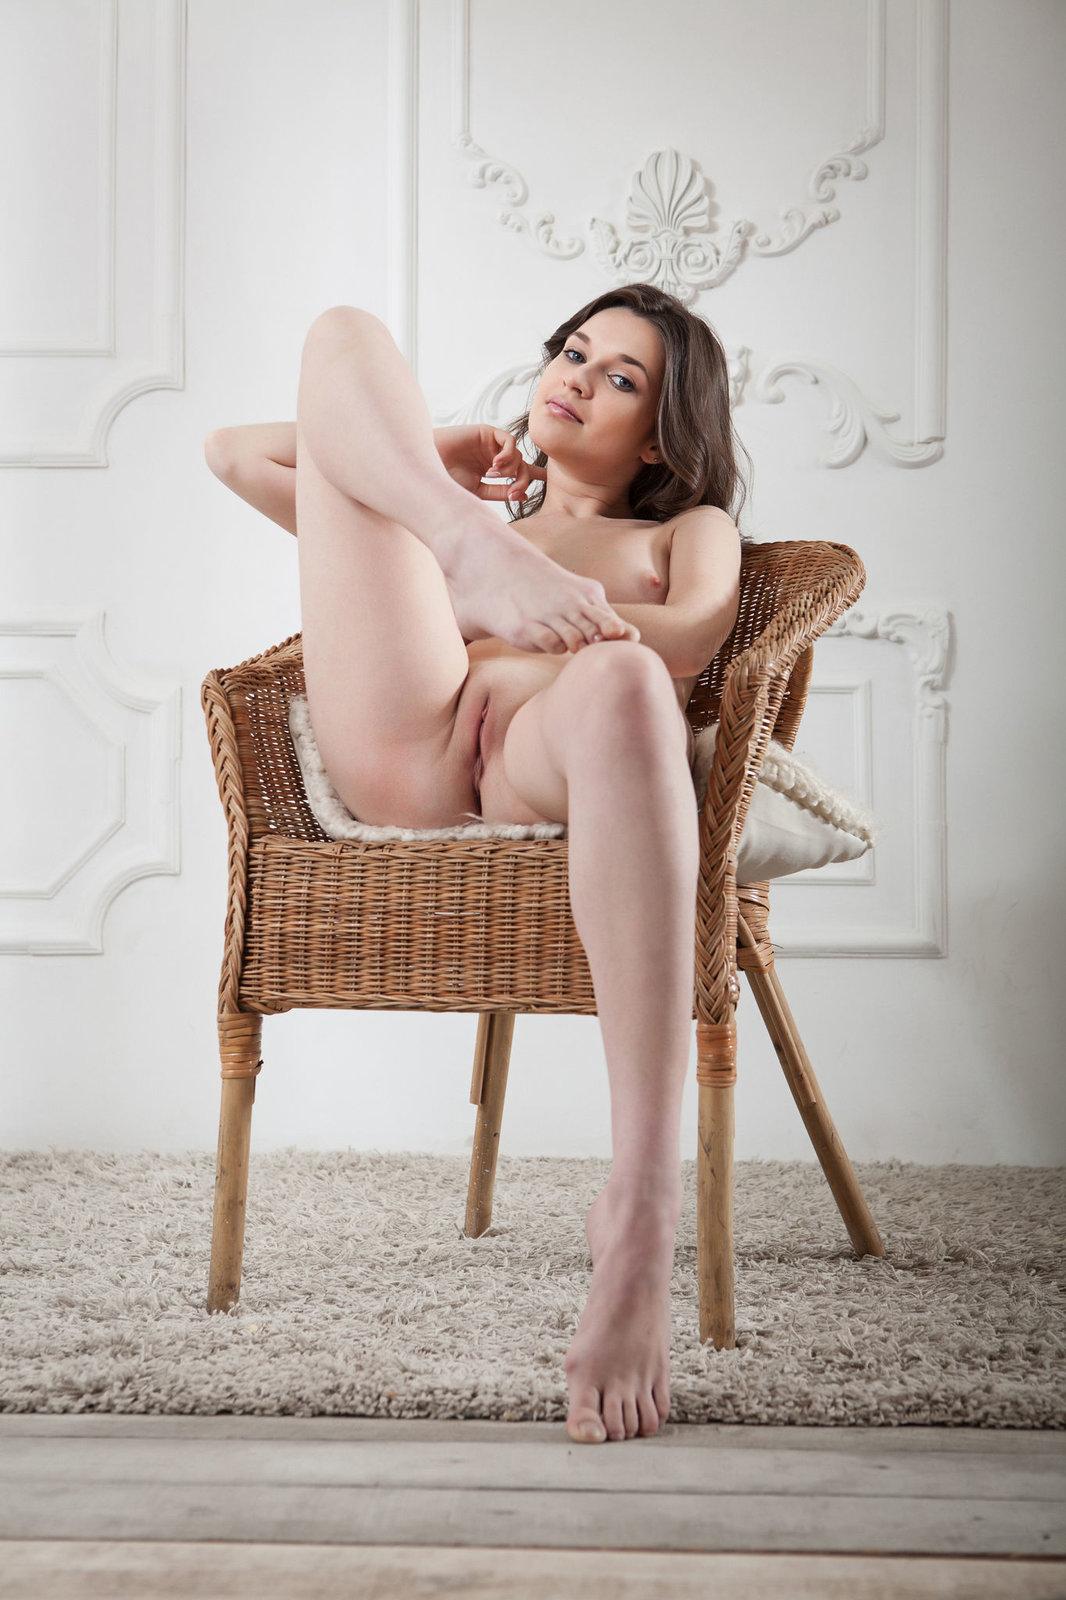 Zdjęcie porno - 104 - Silikonowa niunia na krześle